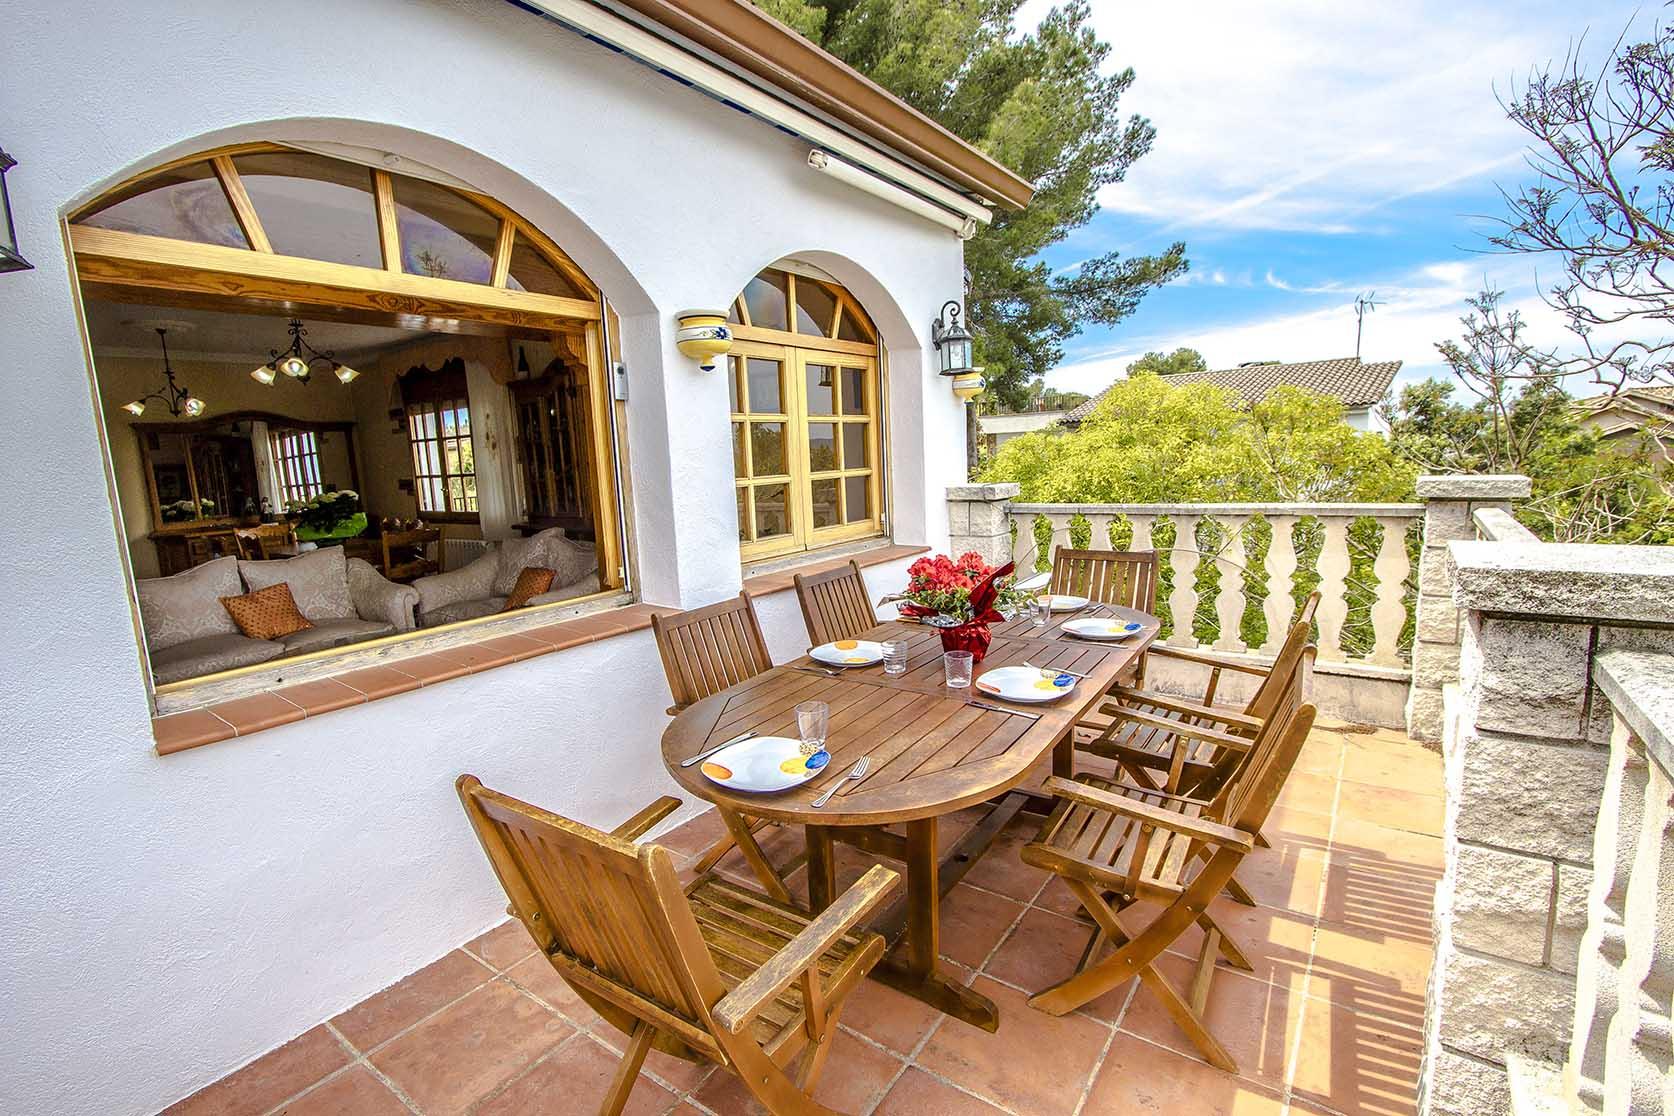 Ferienhaus Catalunya Casas: Lovely villa in Castellet, only 10 min to Costa Dorada beaches! (1890850), Castellet i la Gornal, Costa del Garraf, Katalonien, Spanien, Bild 8